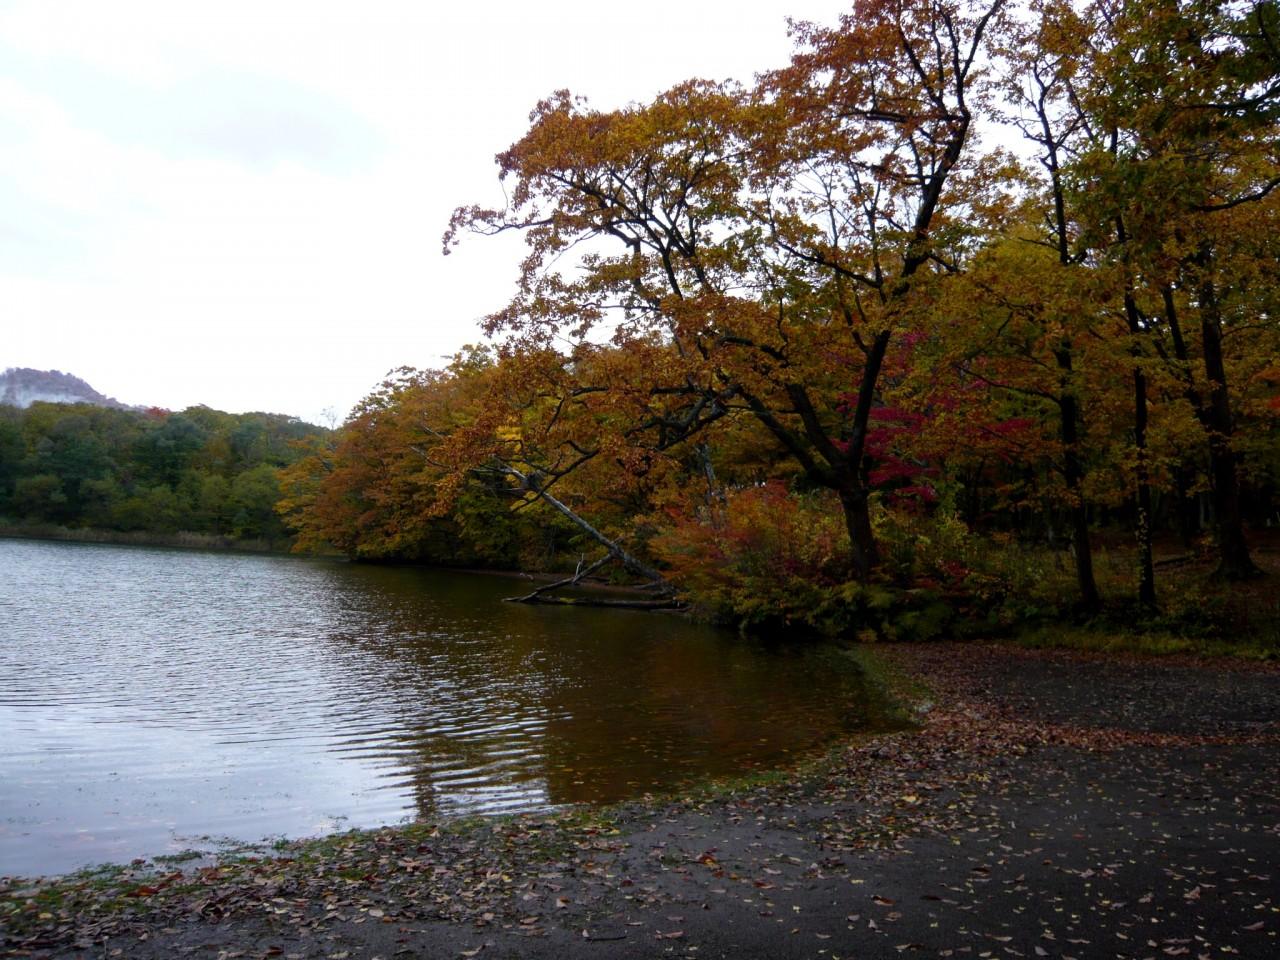 青森 風景 秋 冬 上北 十和田市 十和田湖 紅葉